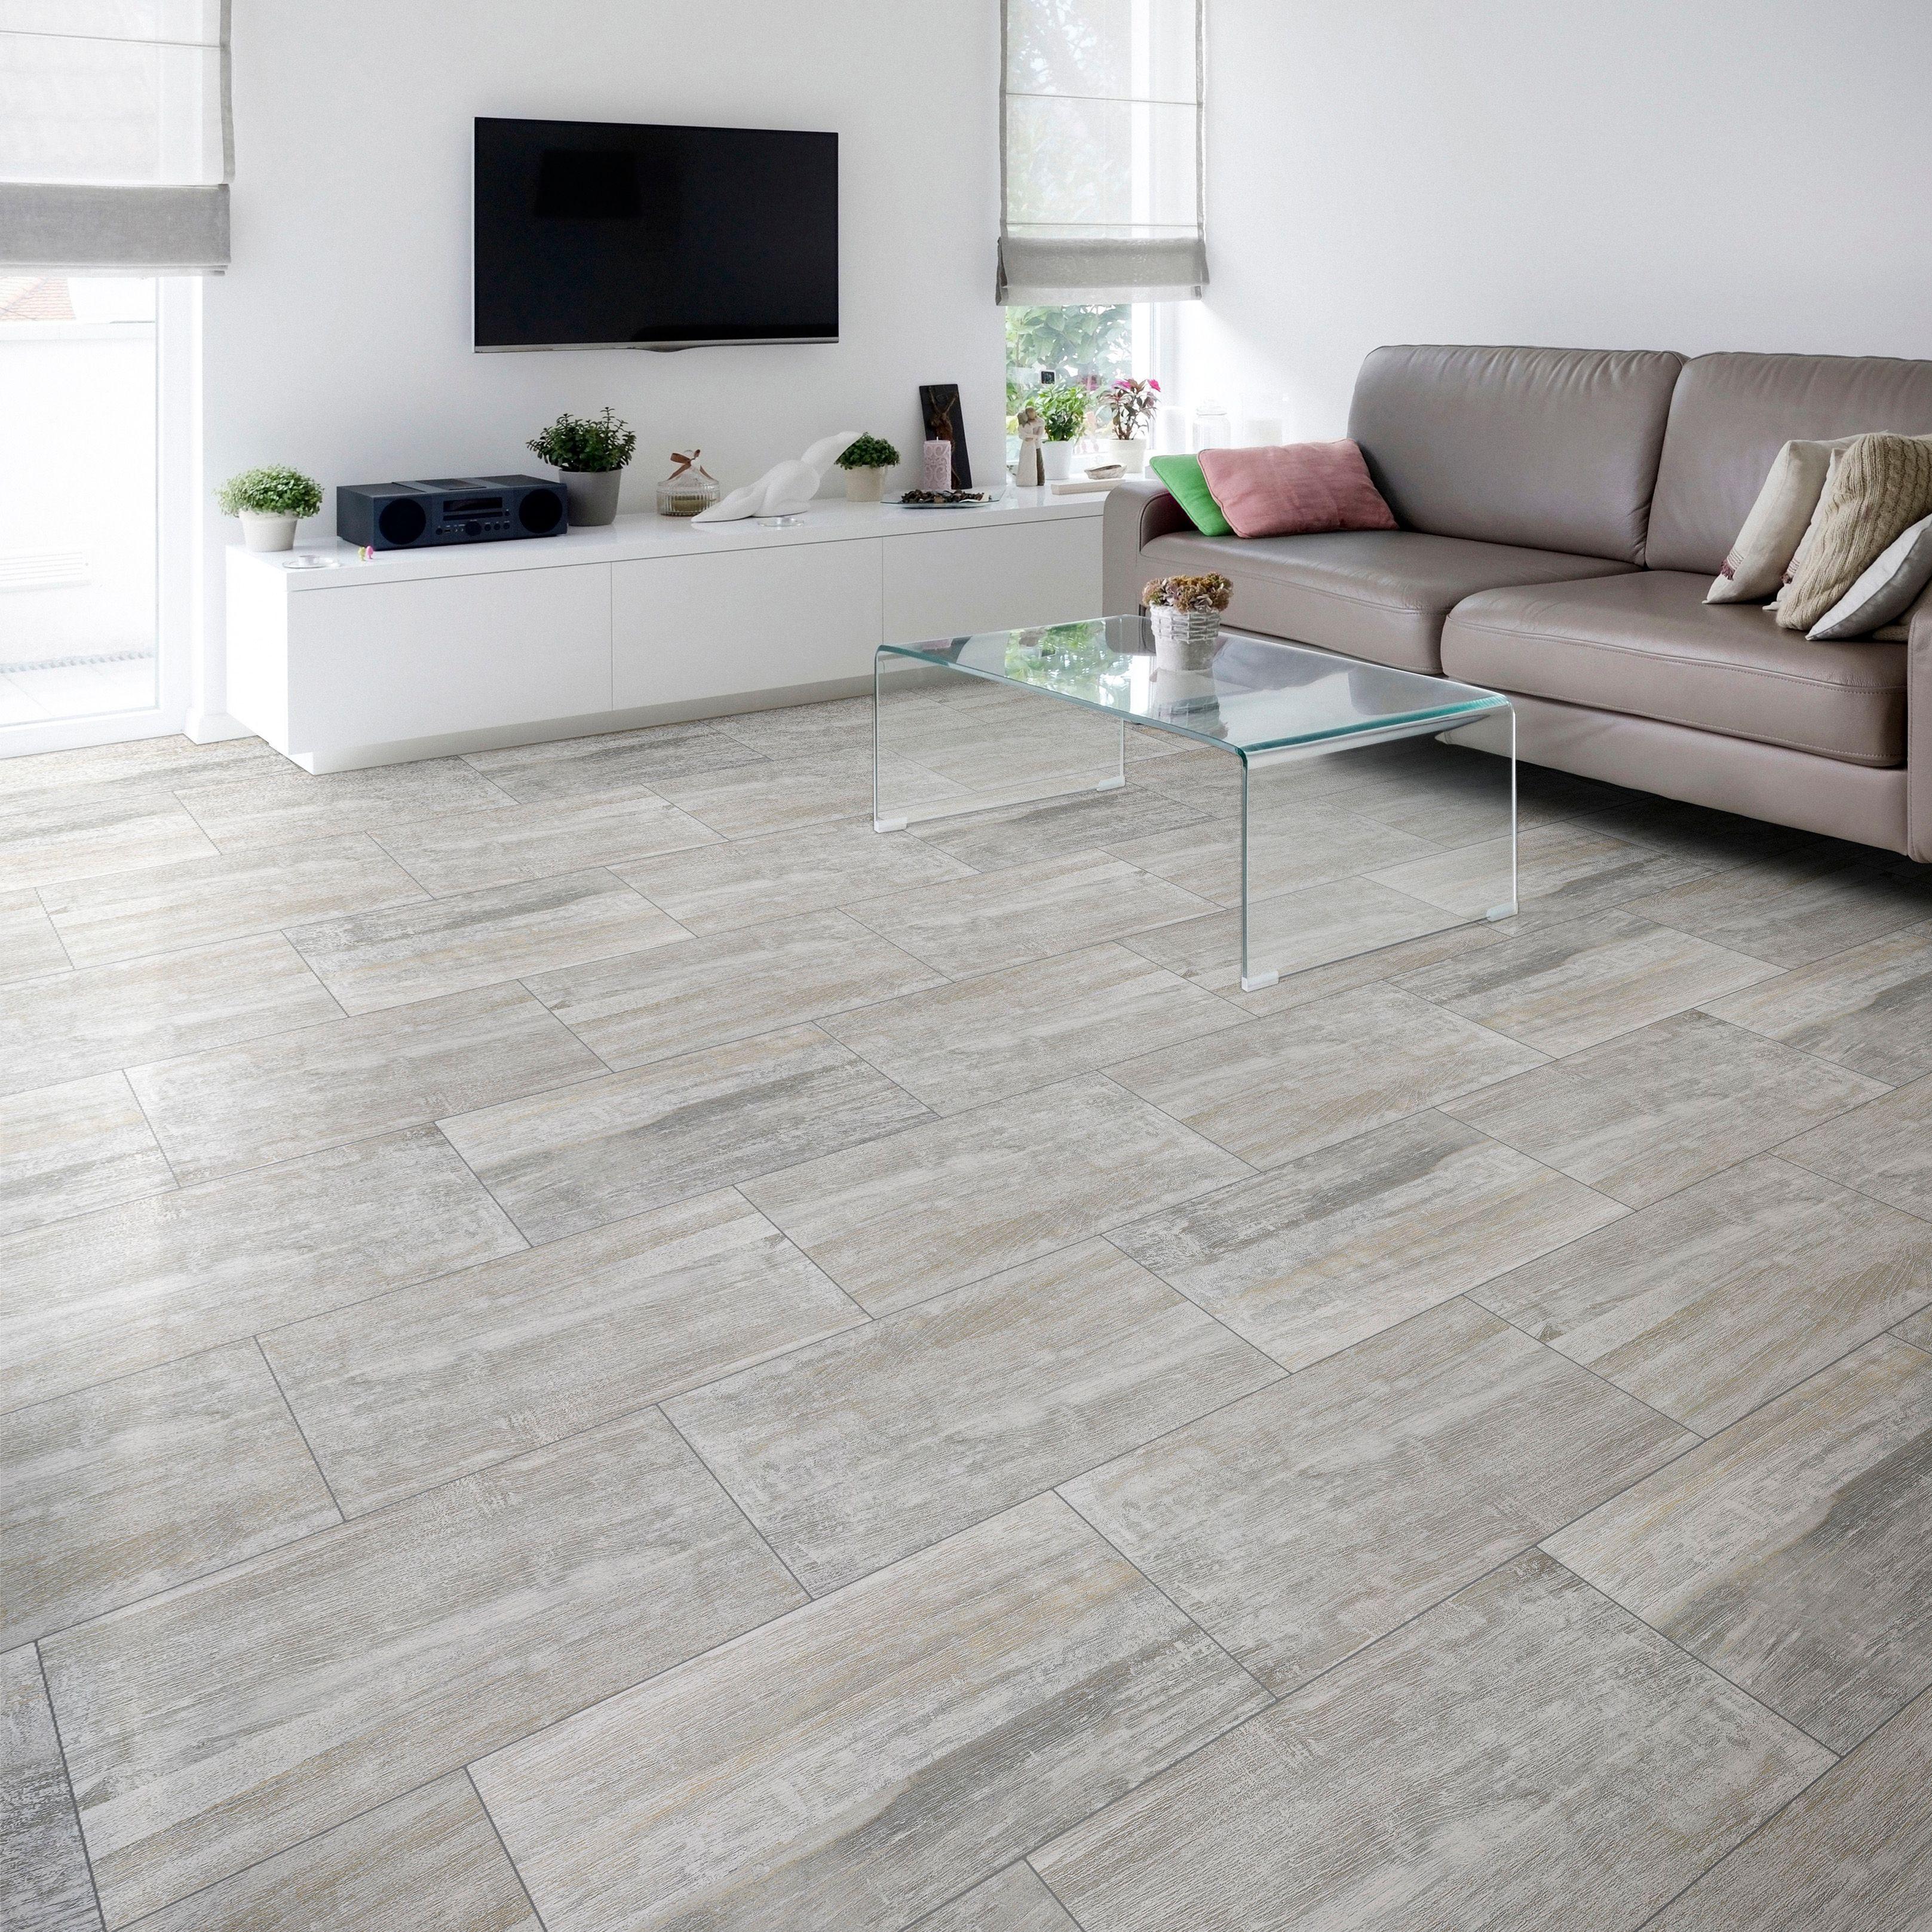 Nordico Grey Vintage Porcelain Floor Tile, Pack of 8, (L)618mm (W)310mm